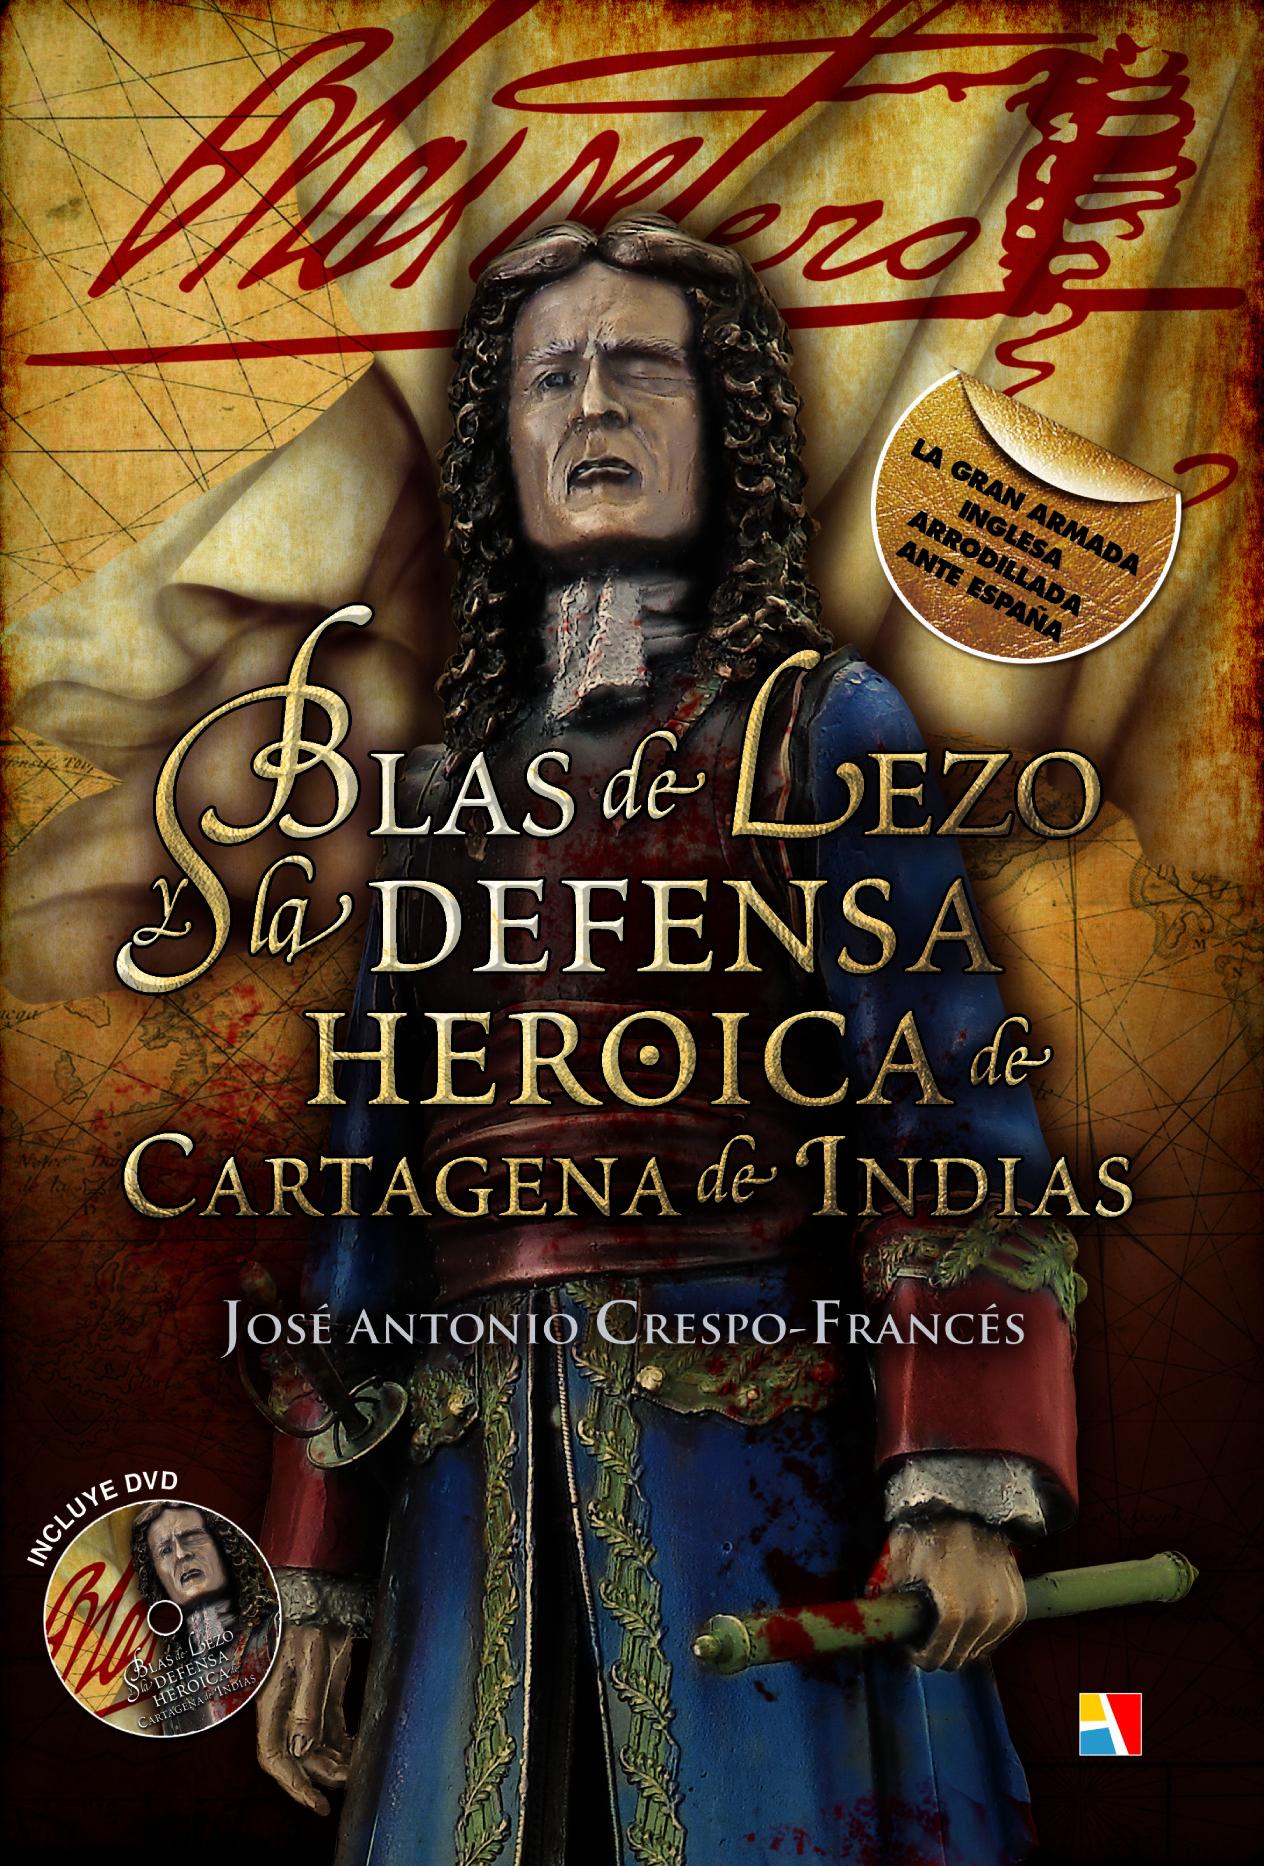 """Conferencia de José Antonio Crespo-Francés sobre """"Blas de Lezo y la defensa heroica de Cartagena de Indias"""" en la sede nacional de La Falange"""